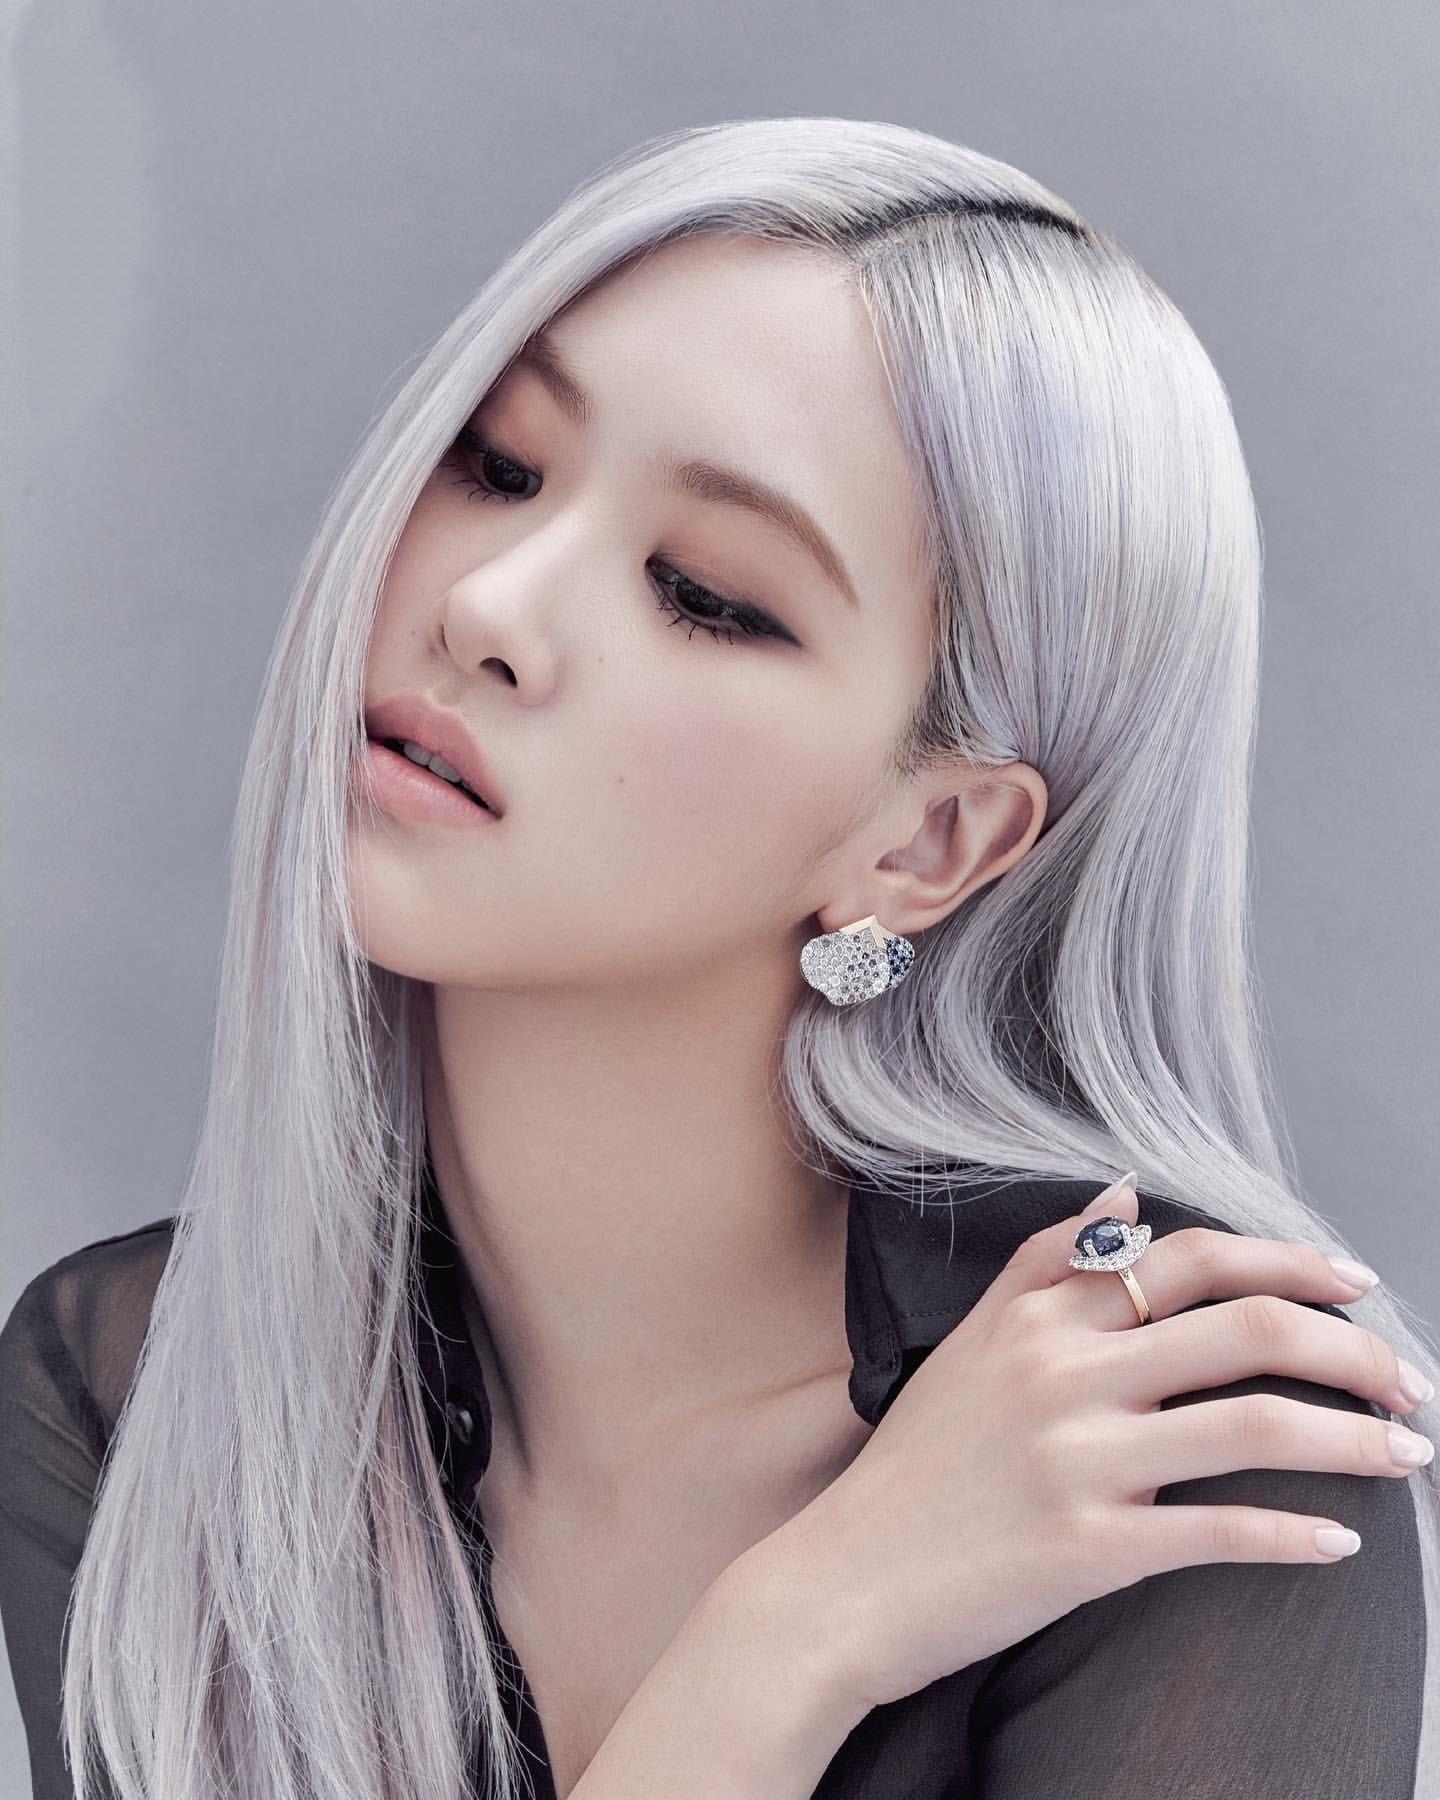 Image about kpop in BlackPink by K-pop Fans on We Heart It